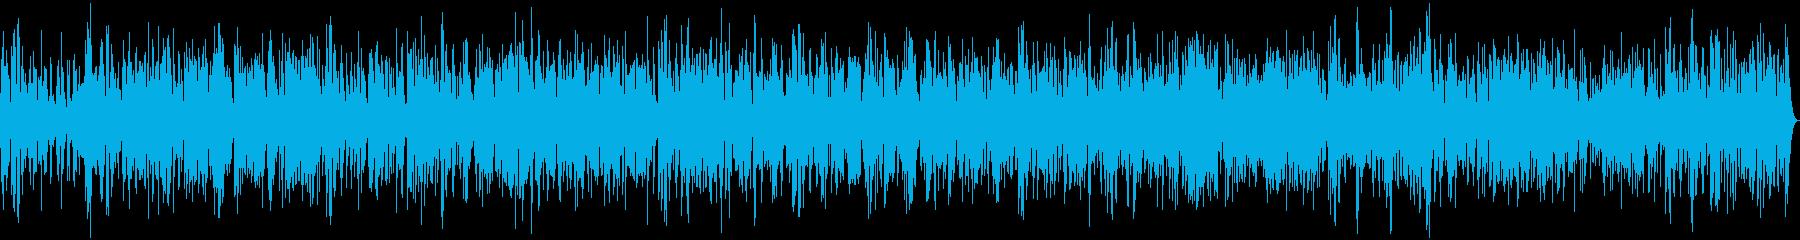 爽やか海沿いヒーリング系ビブラフォンの再生済みの波形